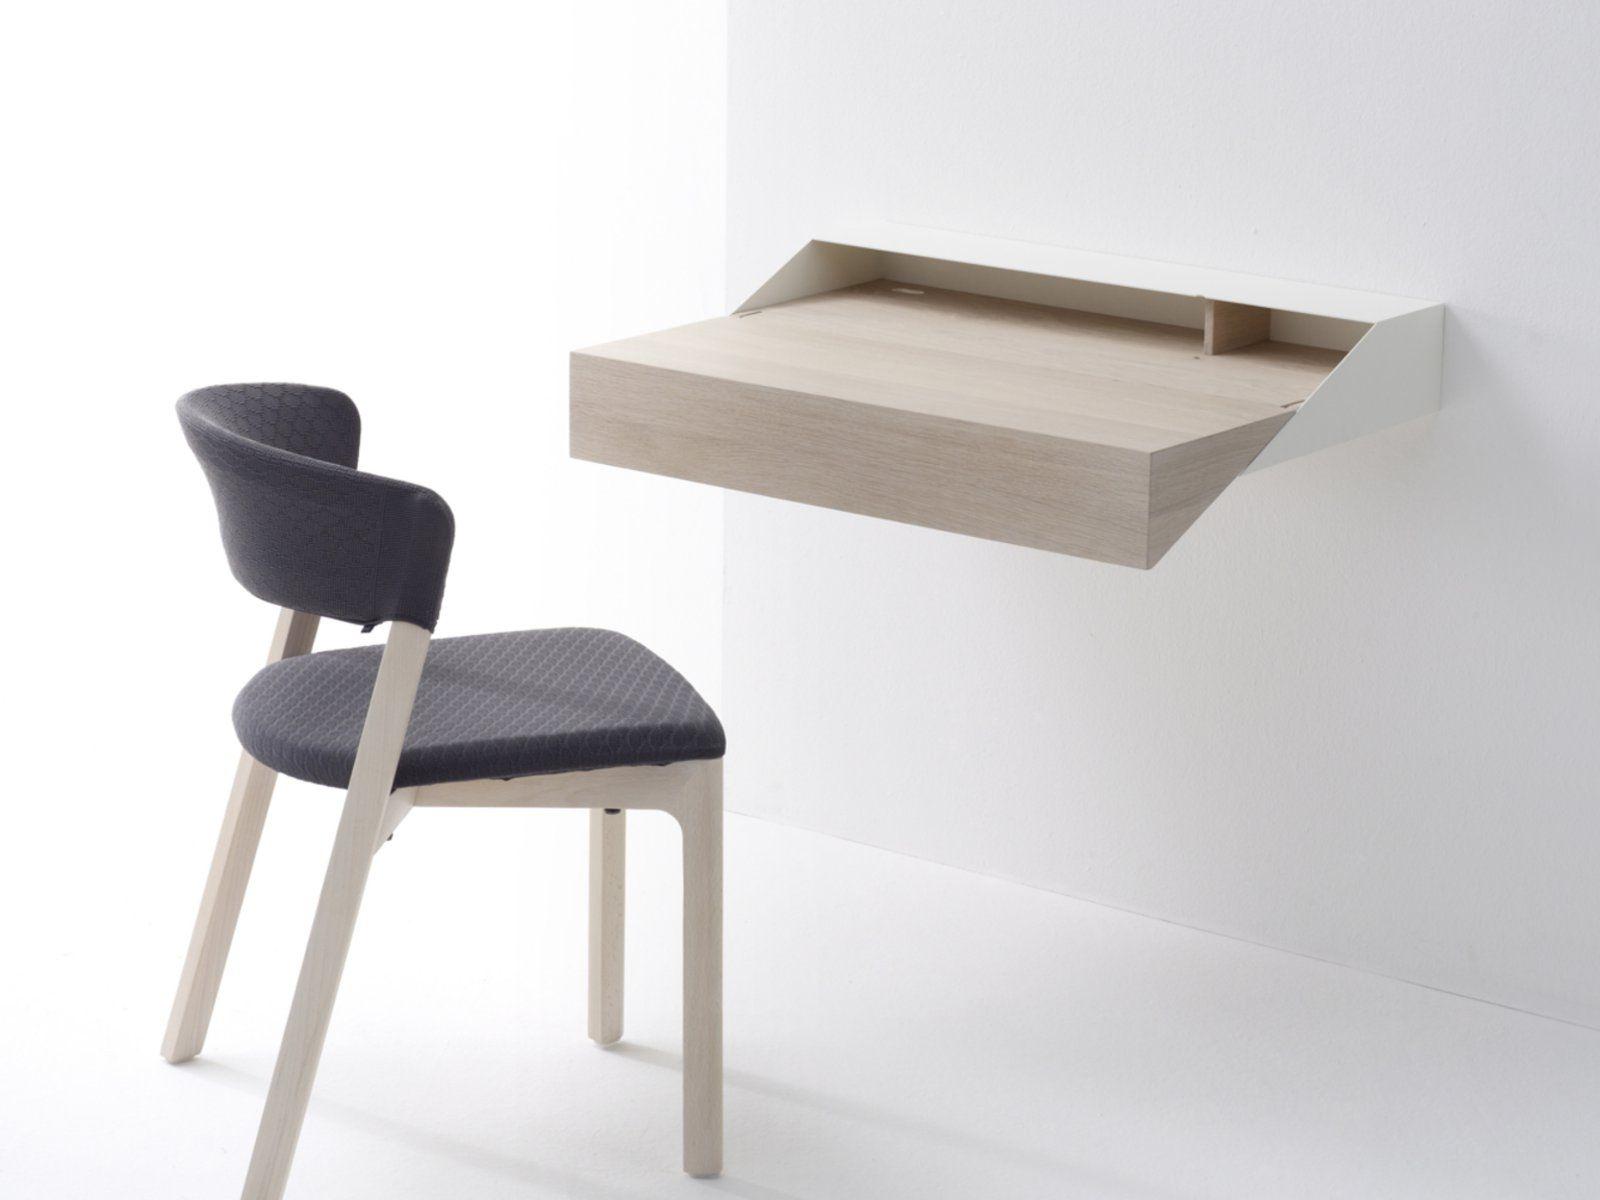 secr taire tag re mural en bois design desk pinterest. Black Bedroom Furniture Sets. Home Design Ideas